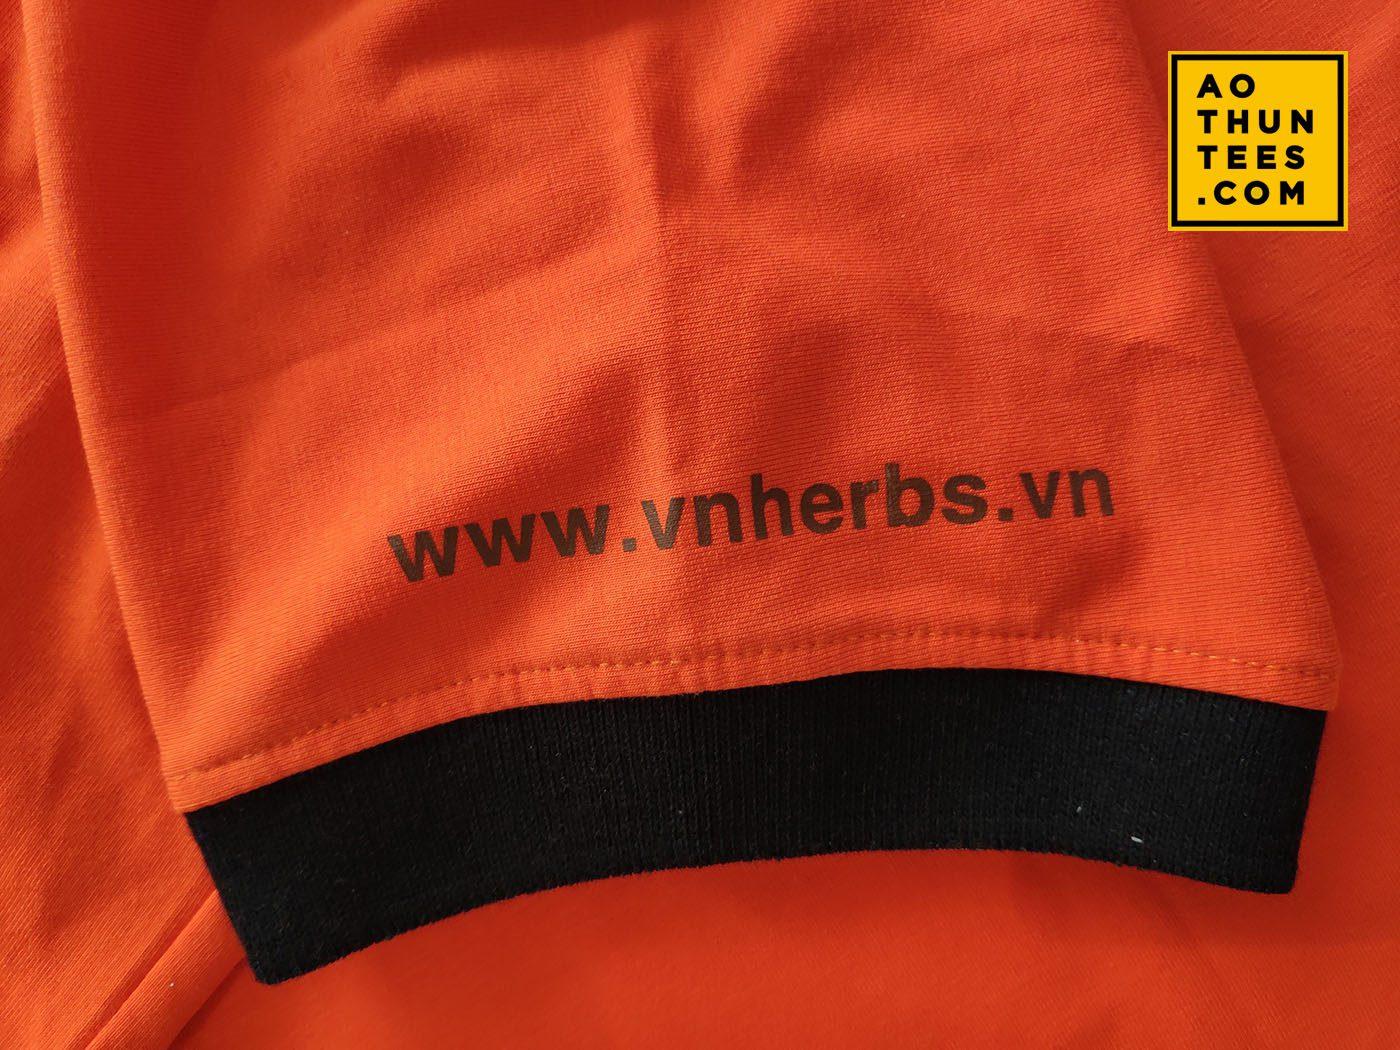 Áo thun đồng phục Công ty VNHERBS – Đông trùng hạ thảo